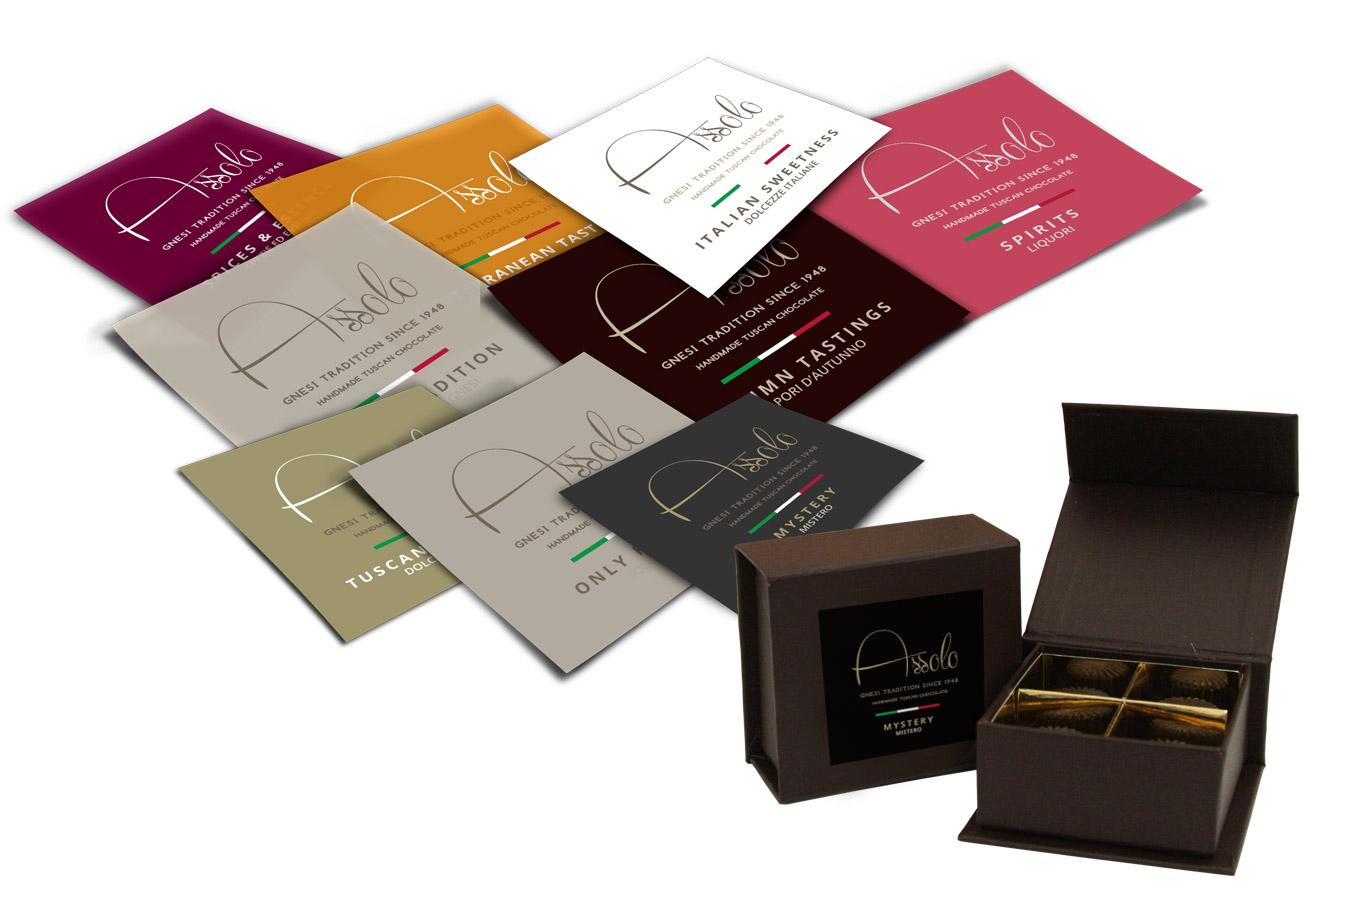 Assolo Chocolate etichette